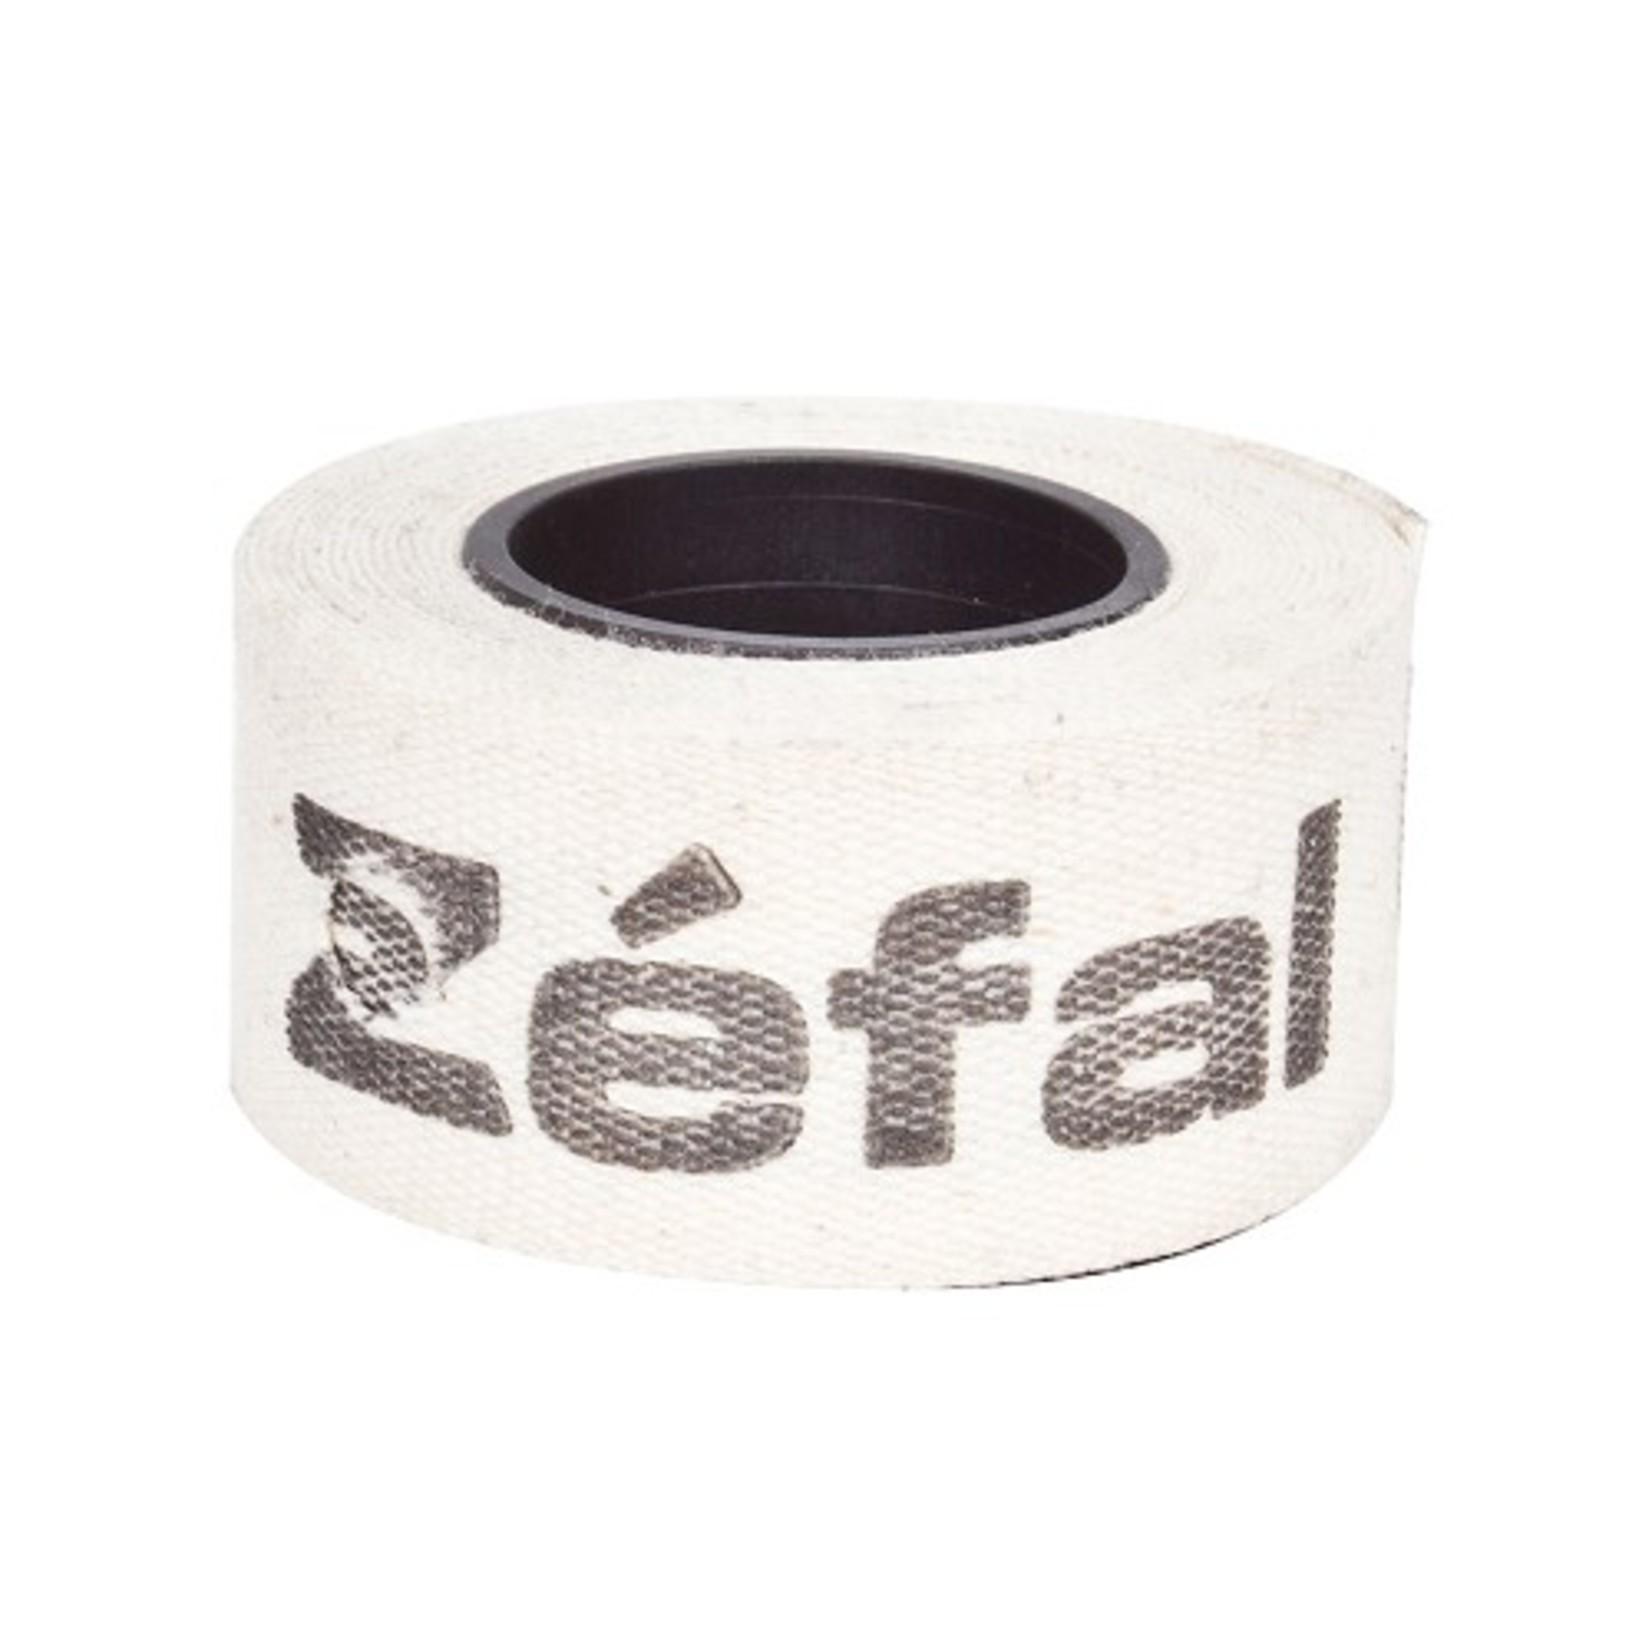 Zefal Rim Tape 22mm Each